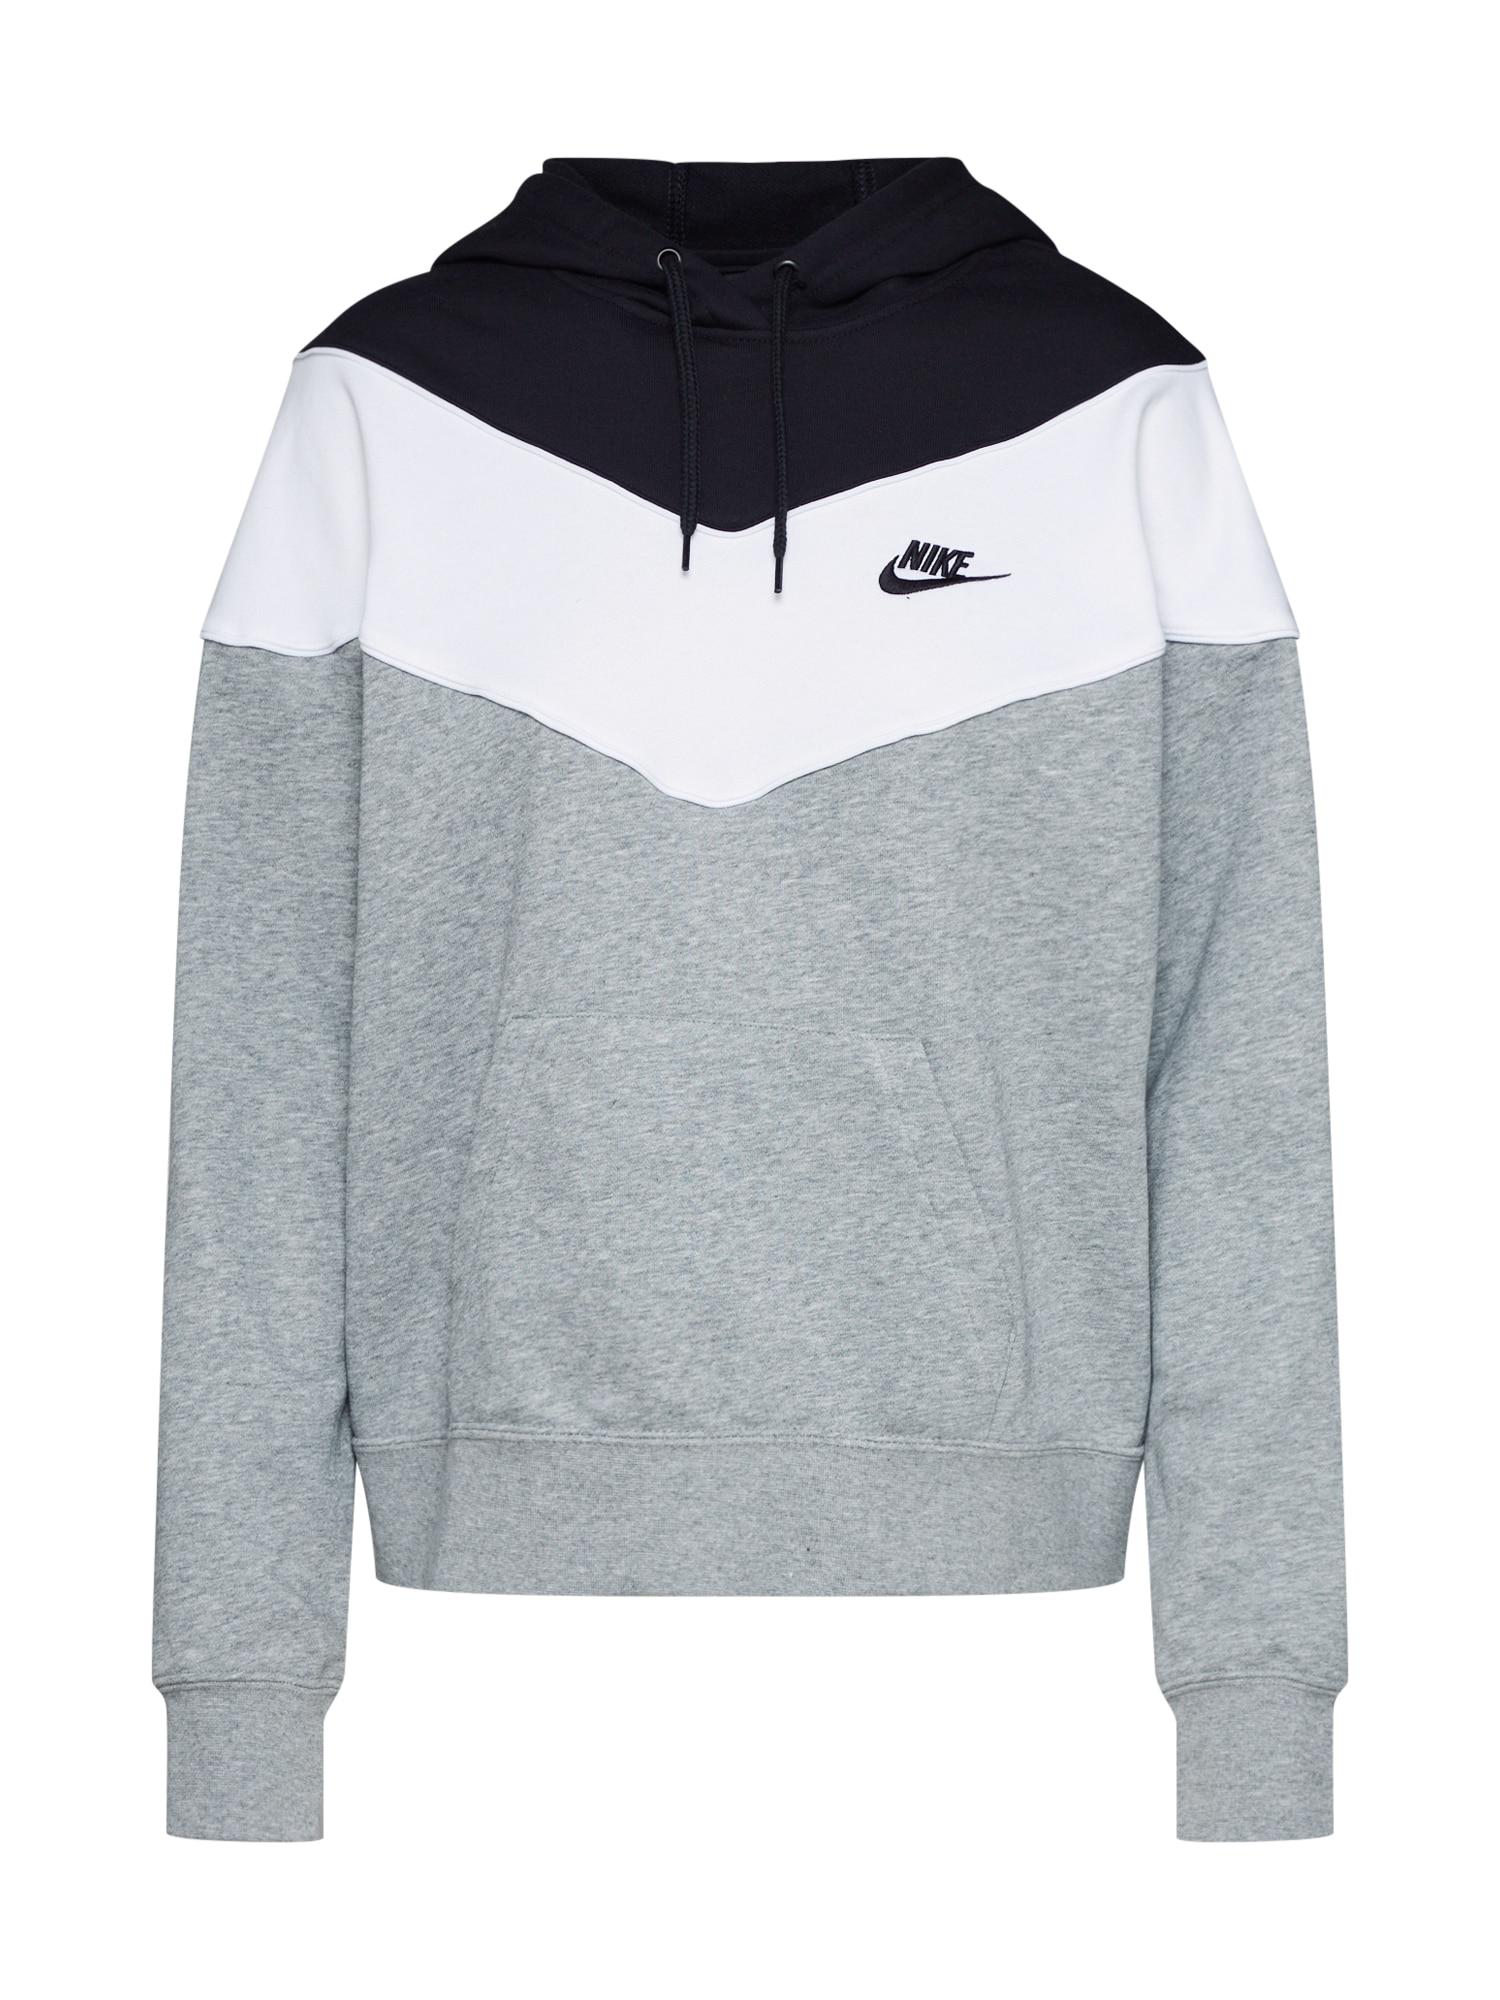 Kapuzenpullover 'Hrtg' | Bekleidung > Pullover > Kapuzenpullover | Schwarz - Weiß | Nike Sportswear